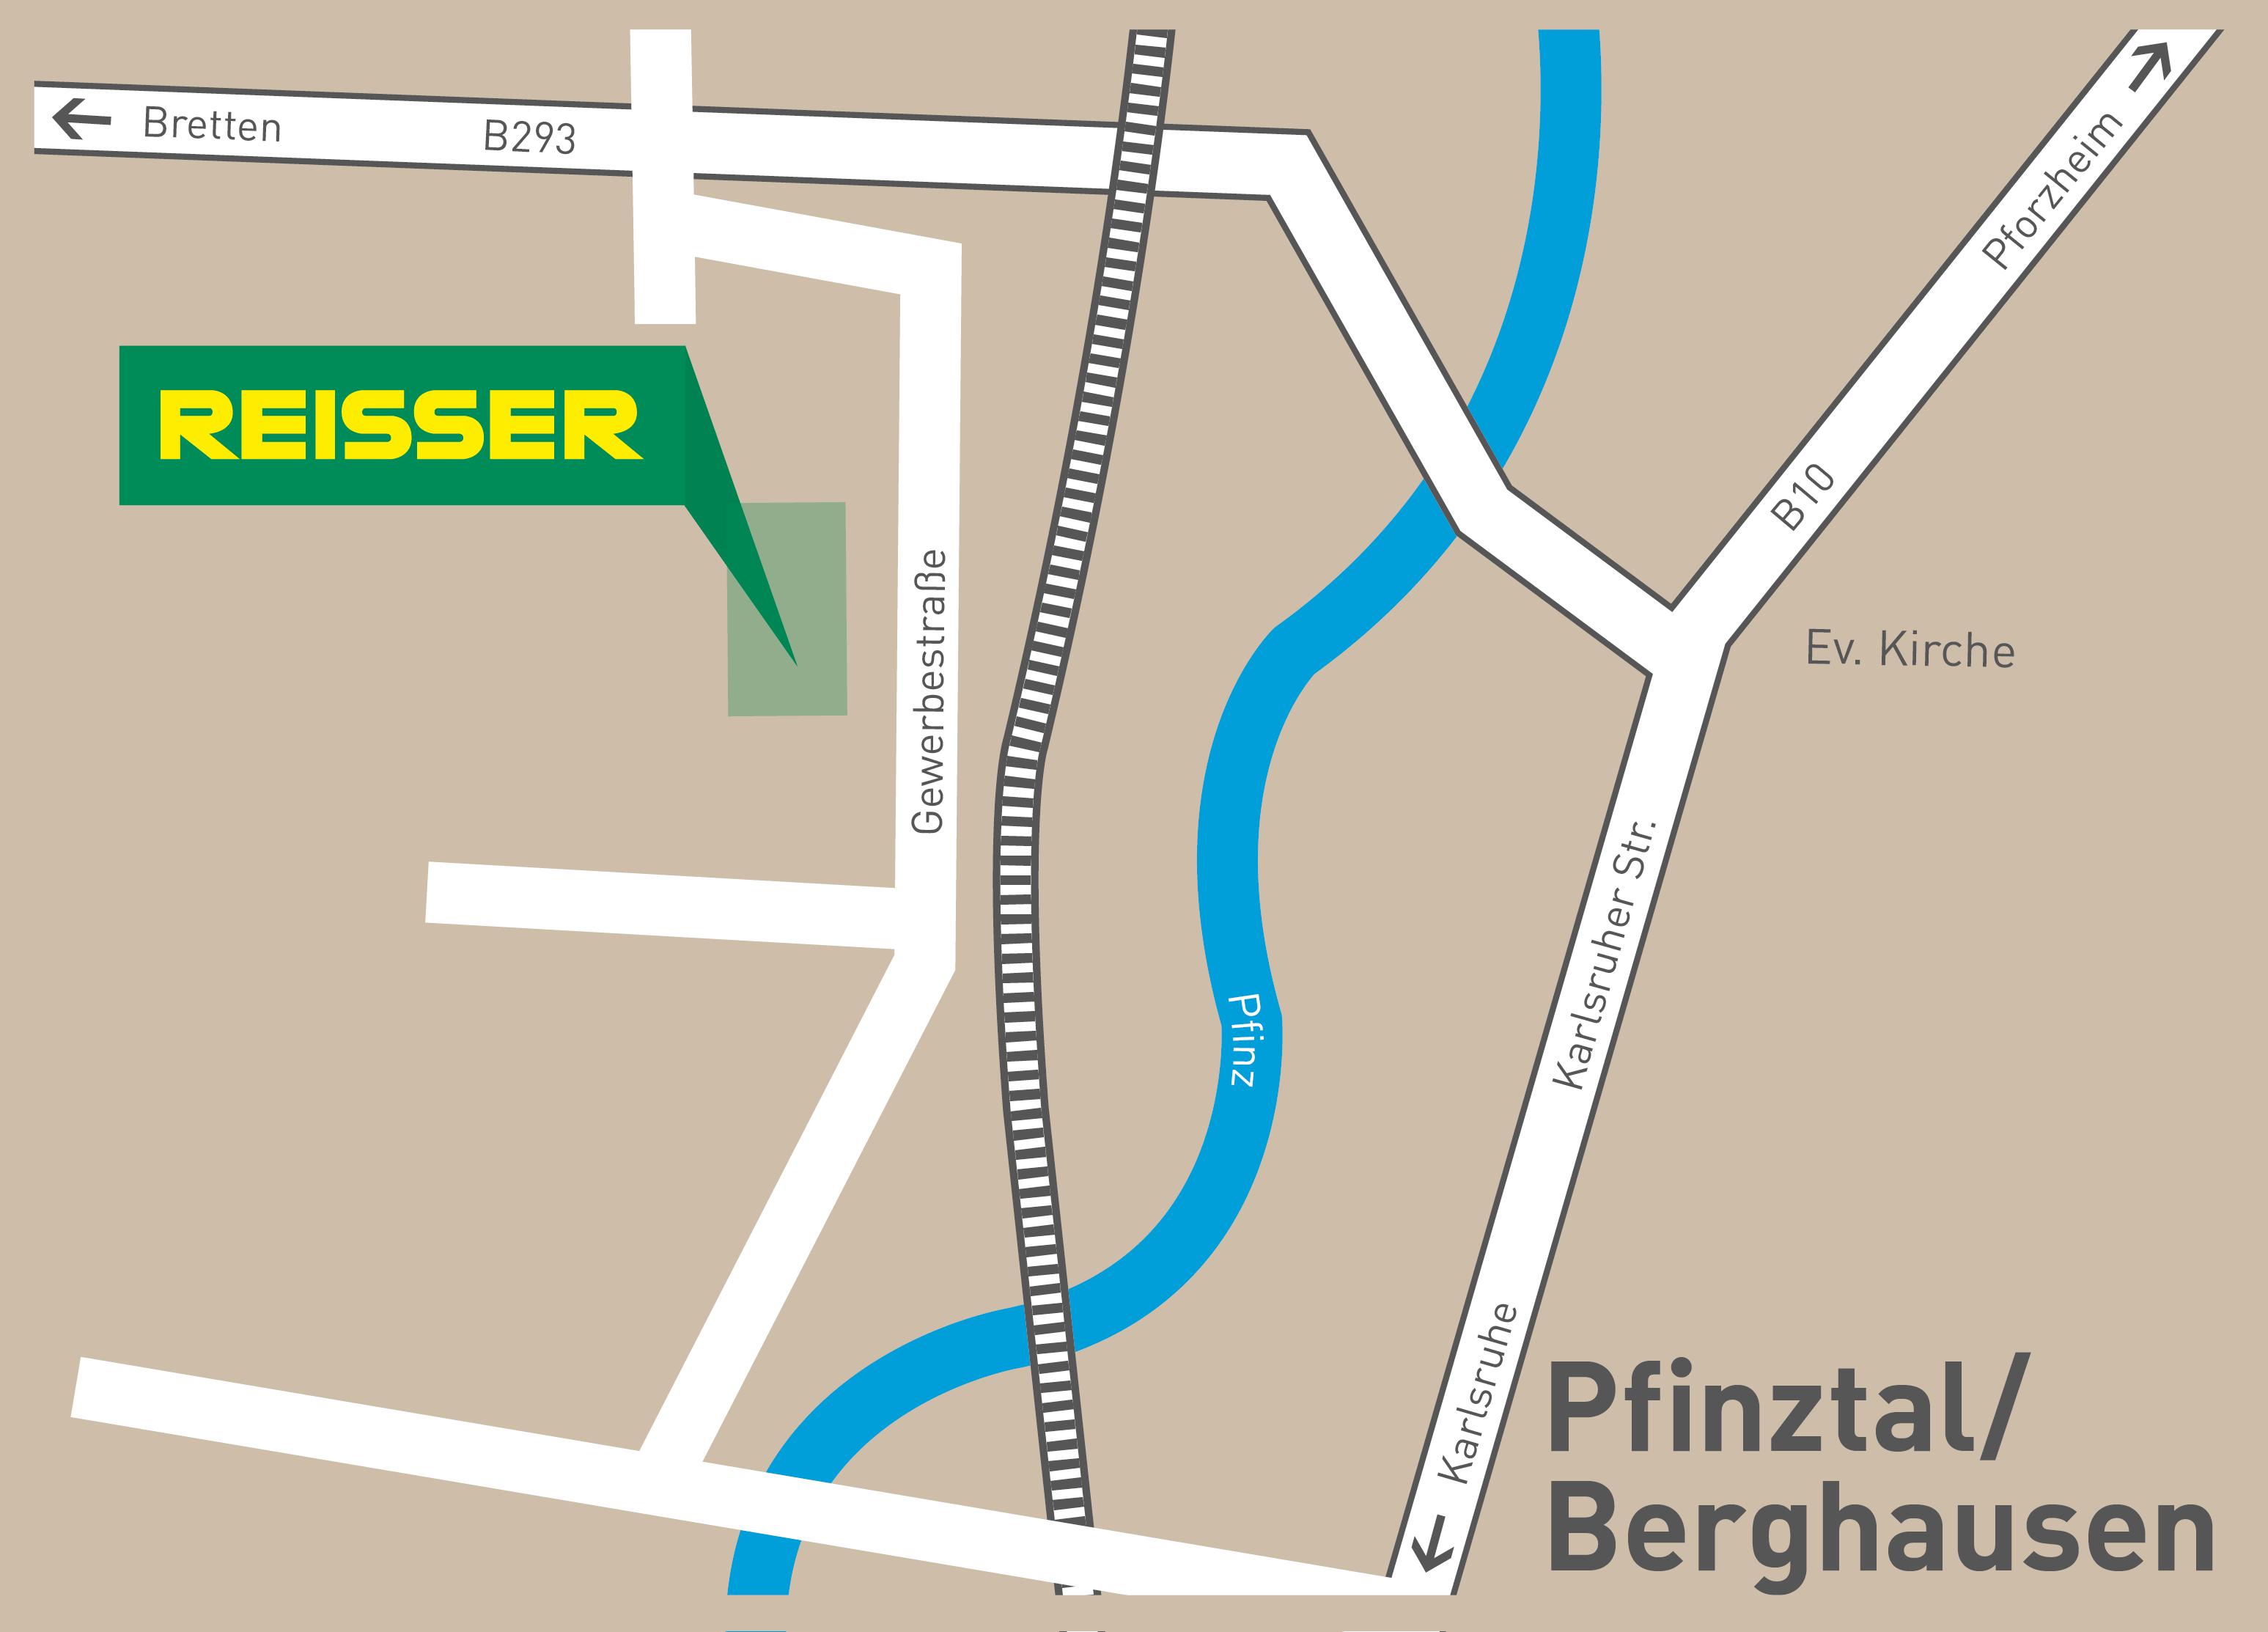 Reisser Berghausen